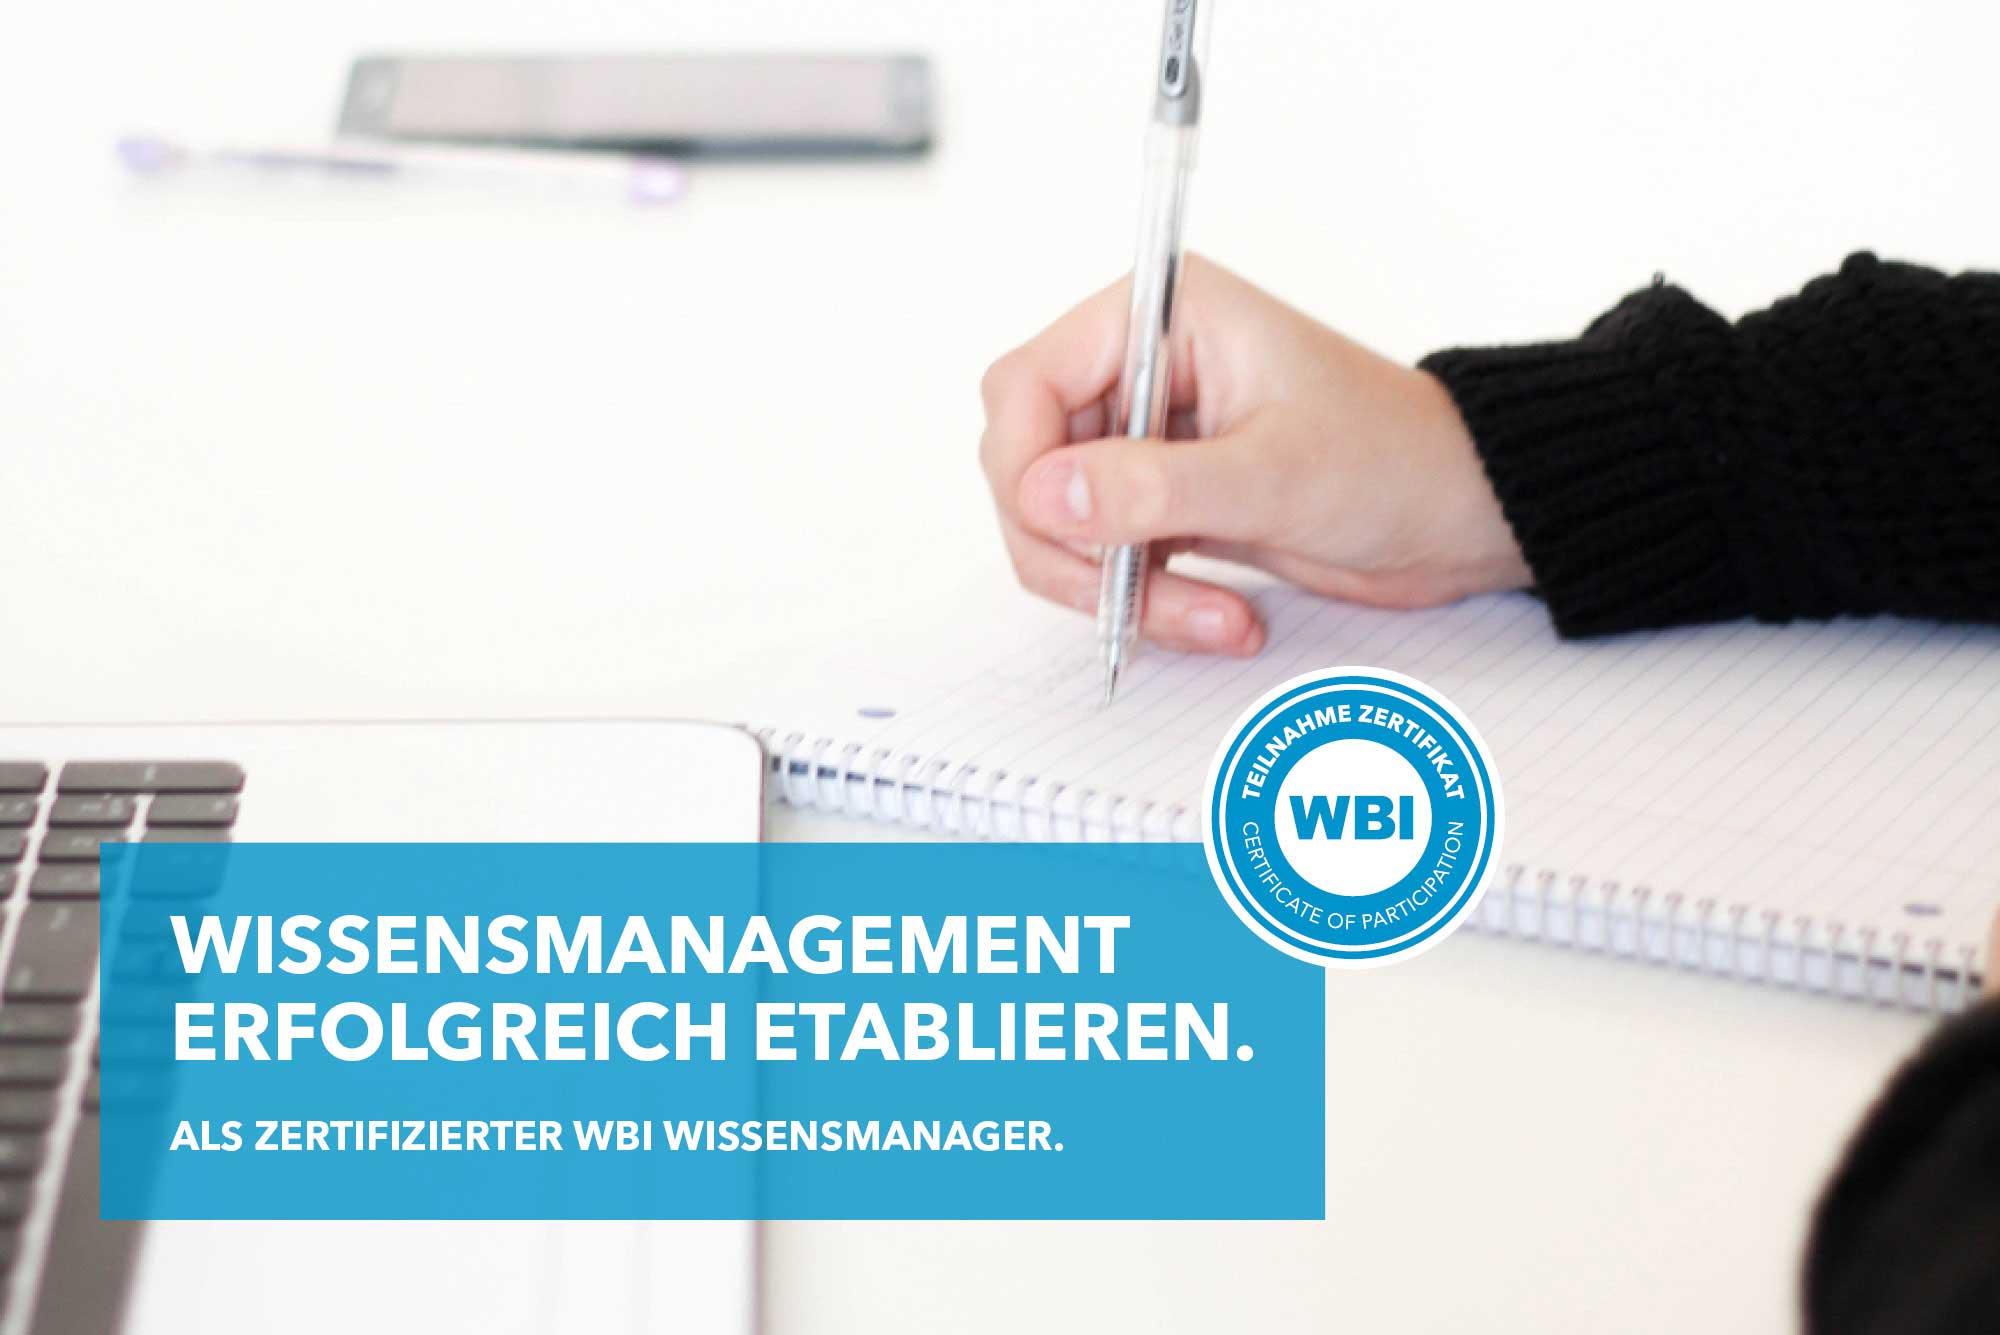 zertifizierter-wbi-wissensmanager